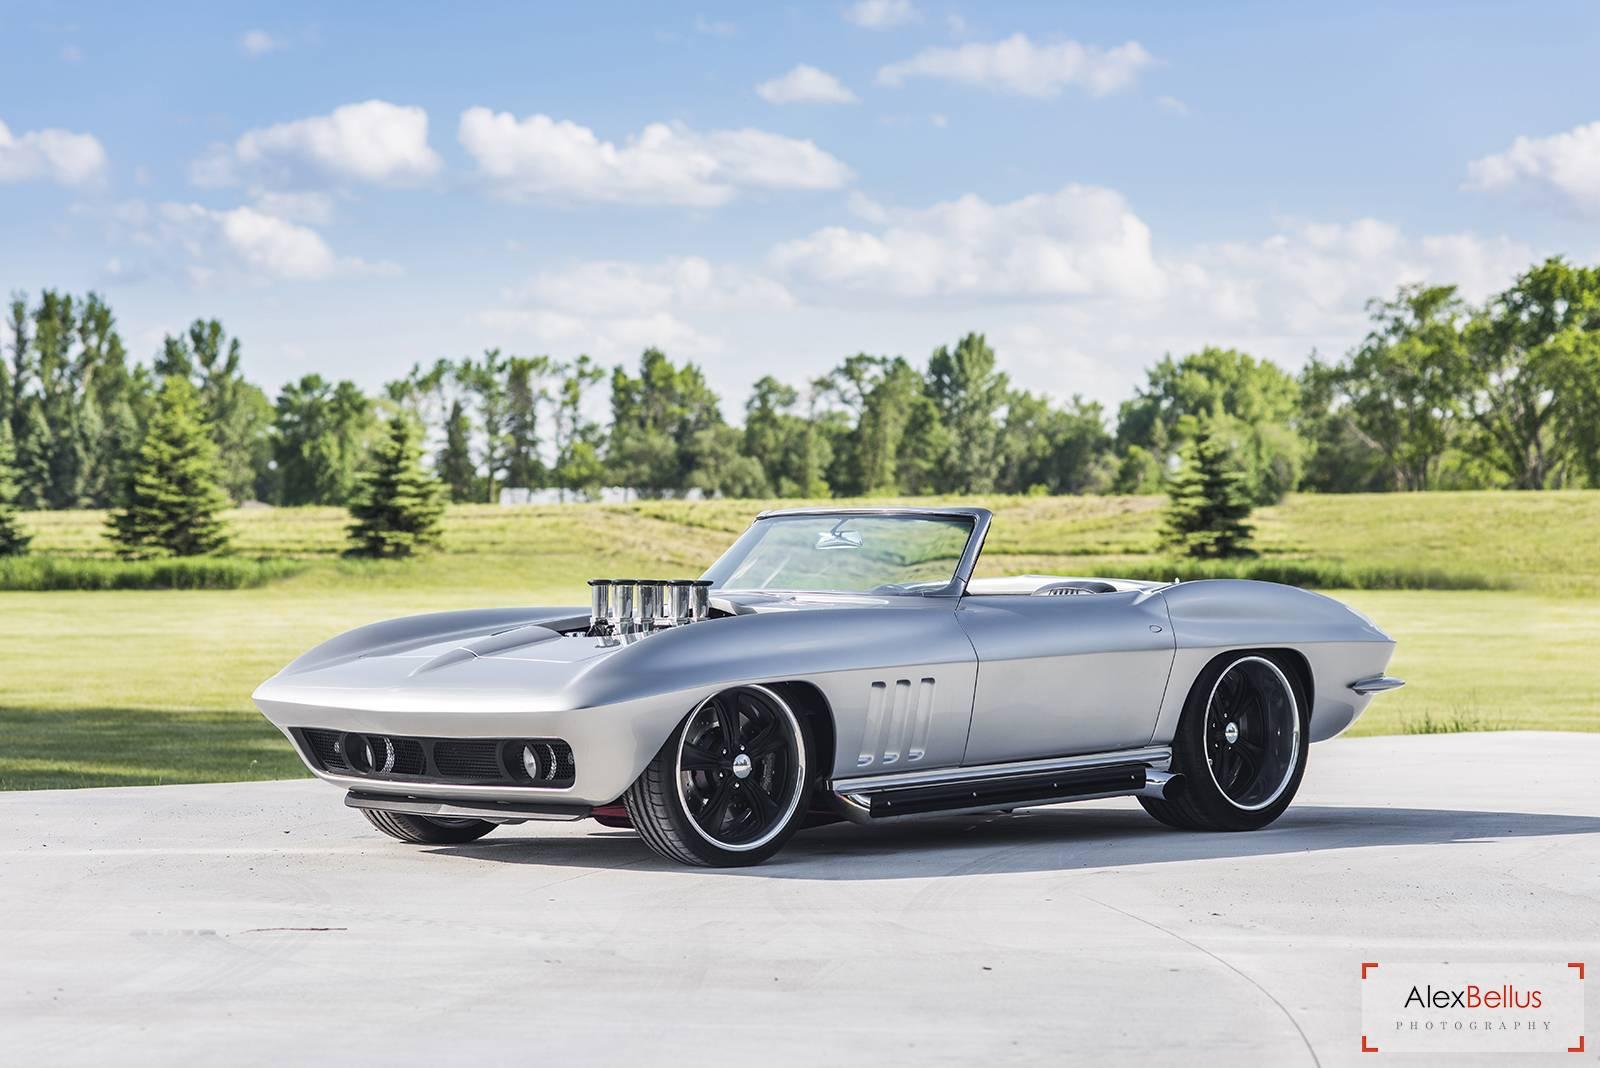 Stunning Fully Restored 1965 Silver Chevrolet Corvette! - GTspirit